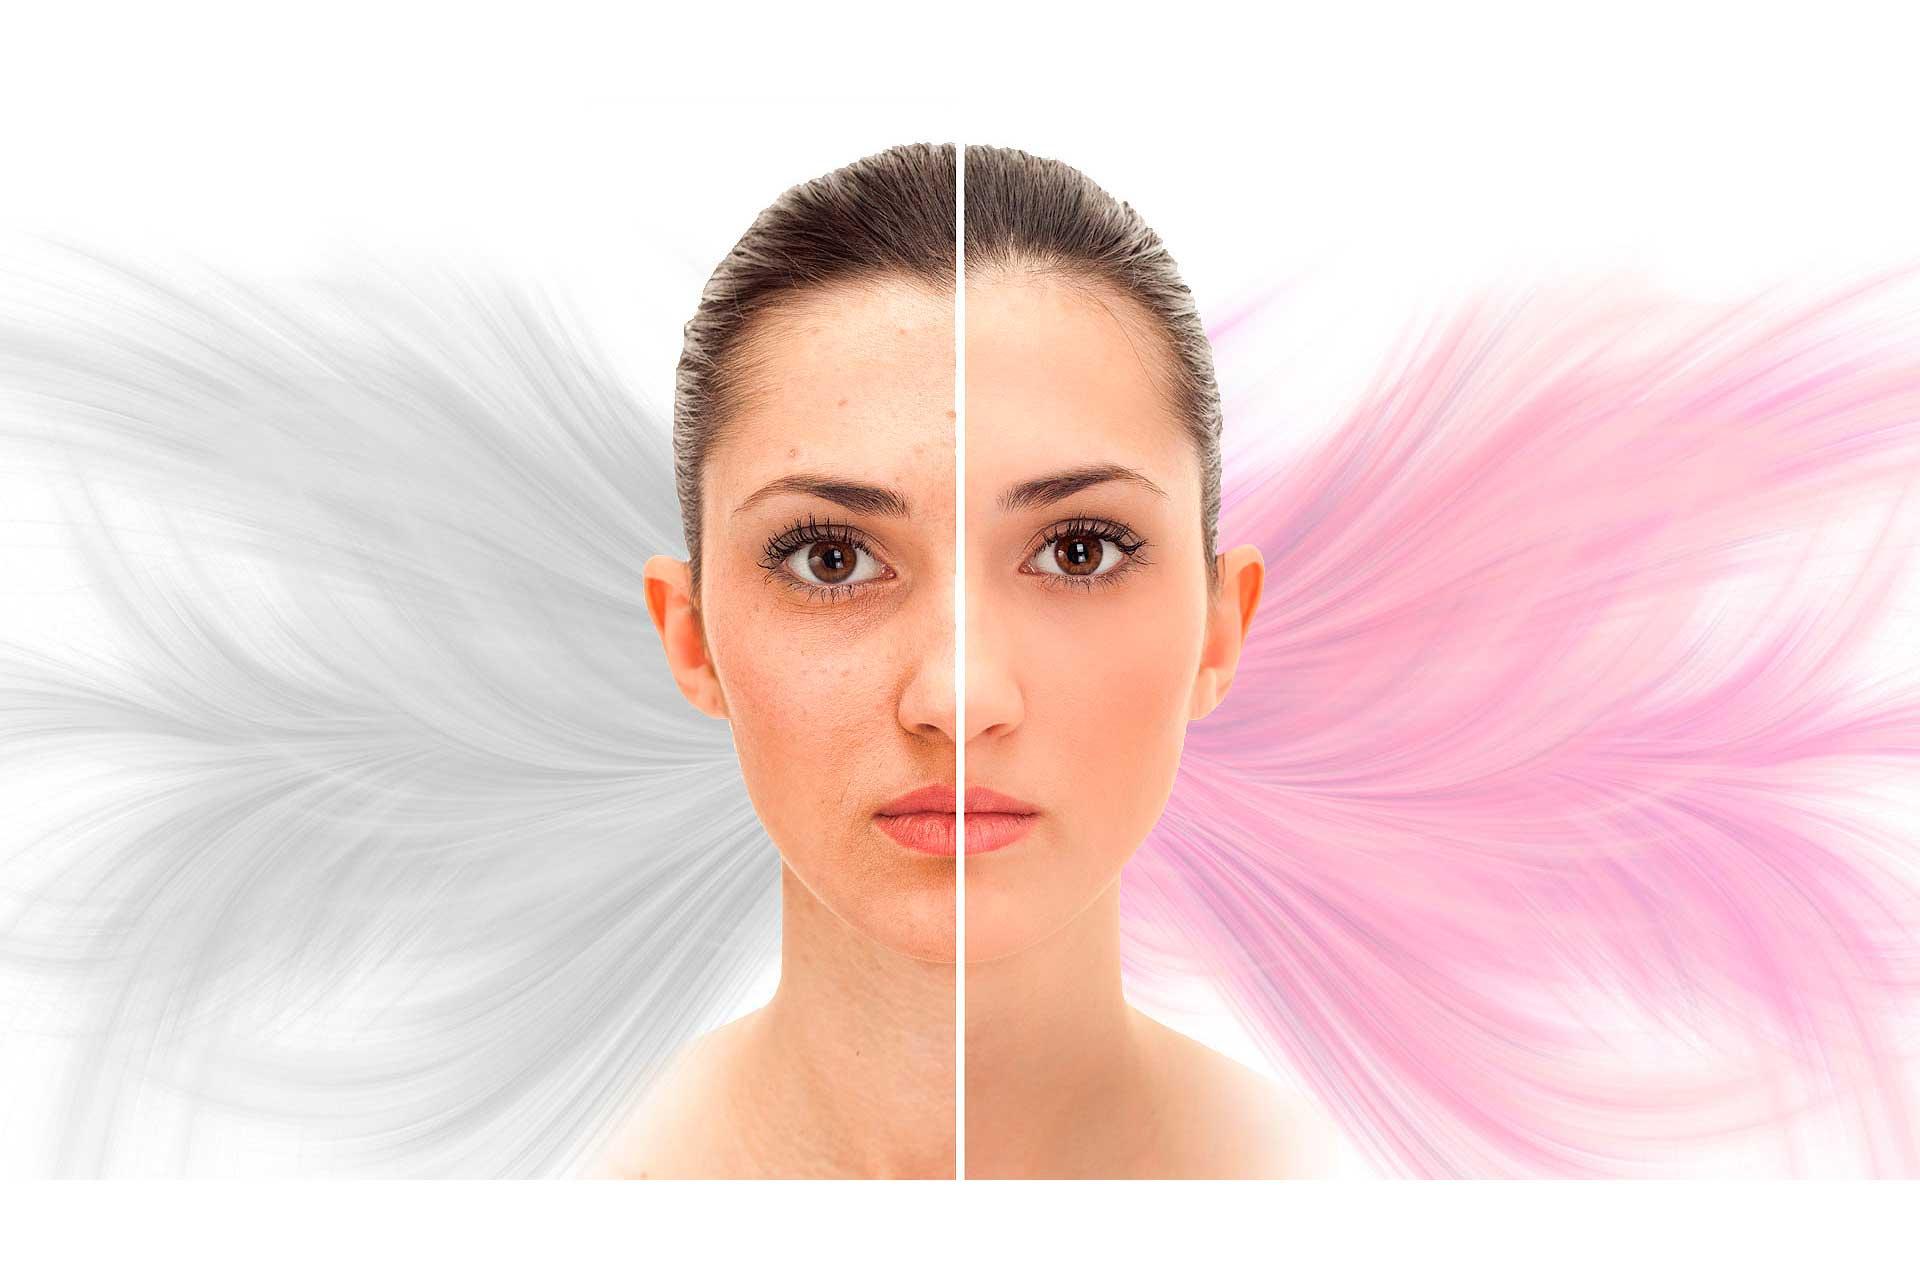 هیدرودرمی و جوانسازی پوست کرج